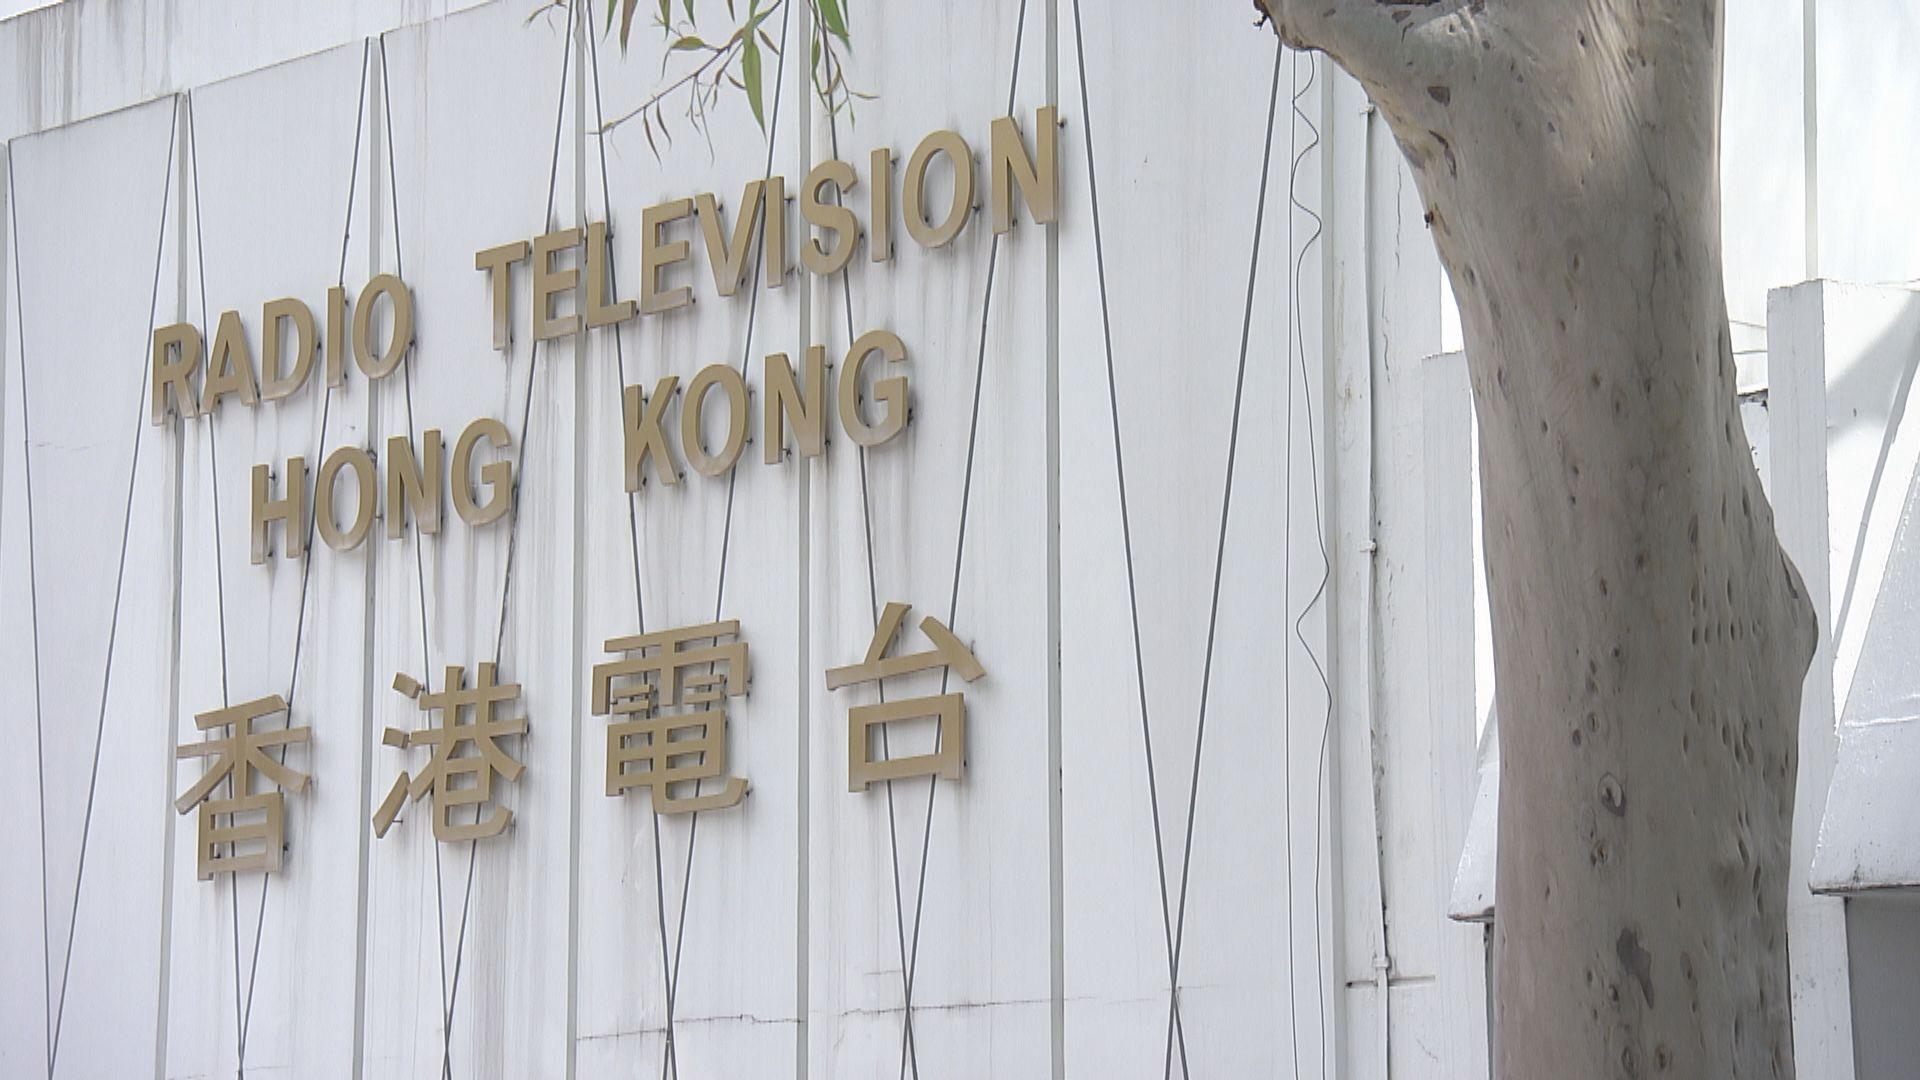 邱騰華:商經局不會介入港台人事問題